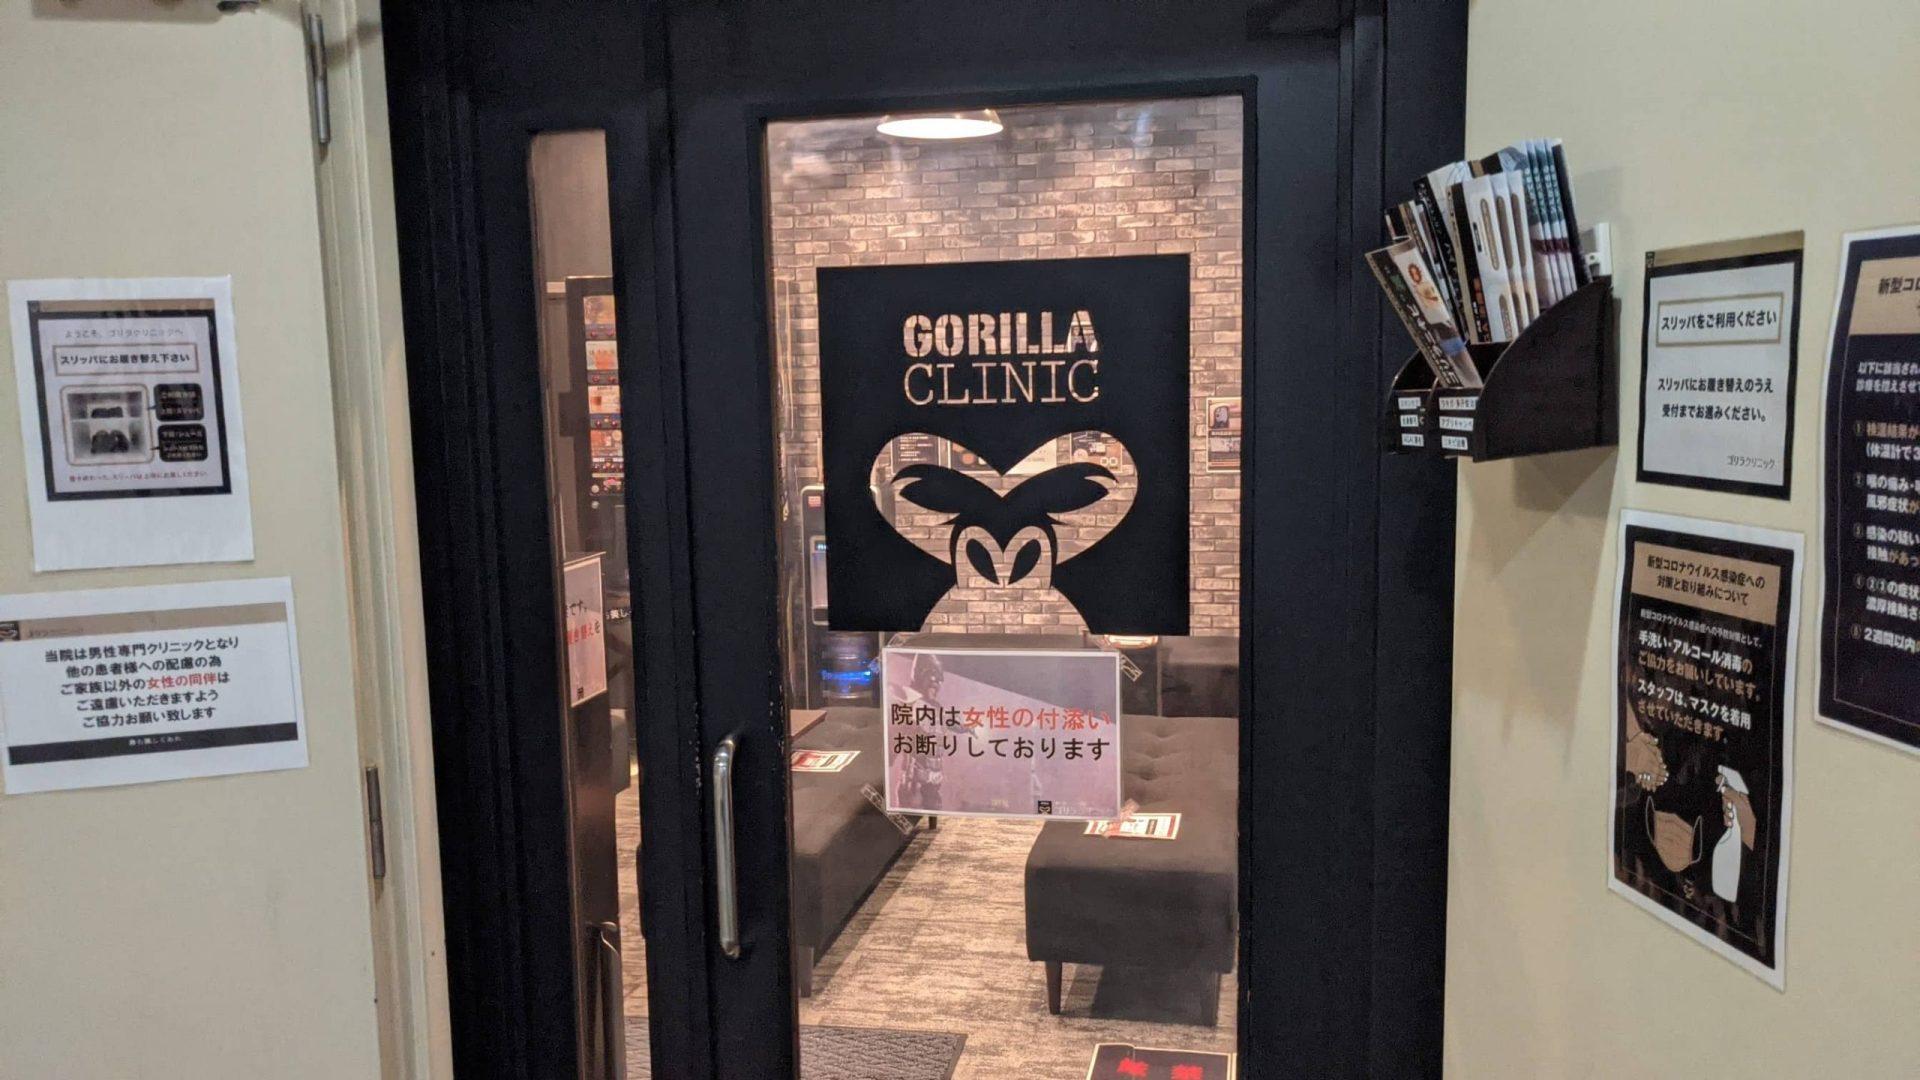 ゴリラクリニック福岡院の入口写真